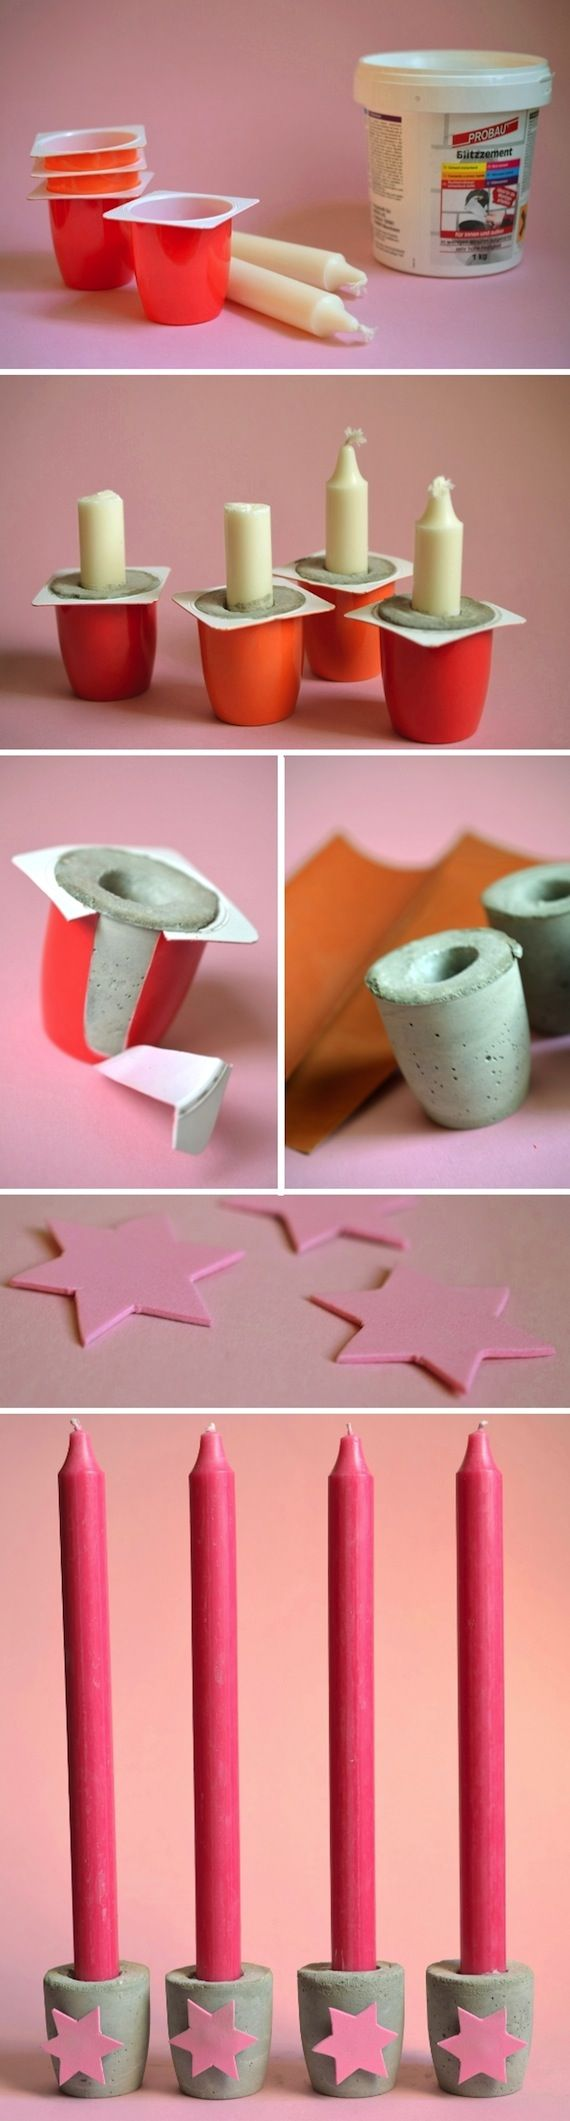 Portavelas de cemento / Concrete candleholder